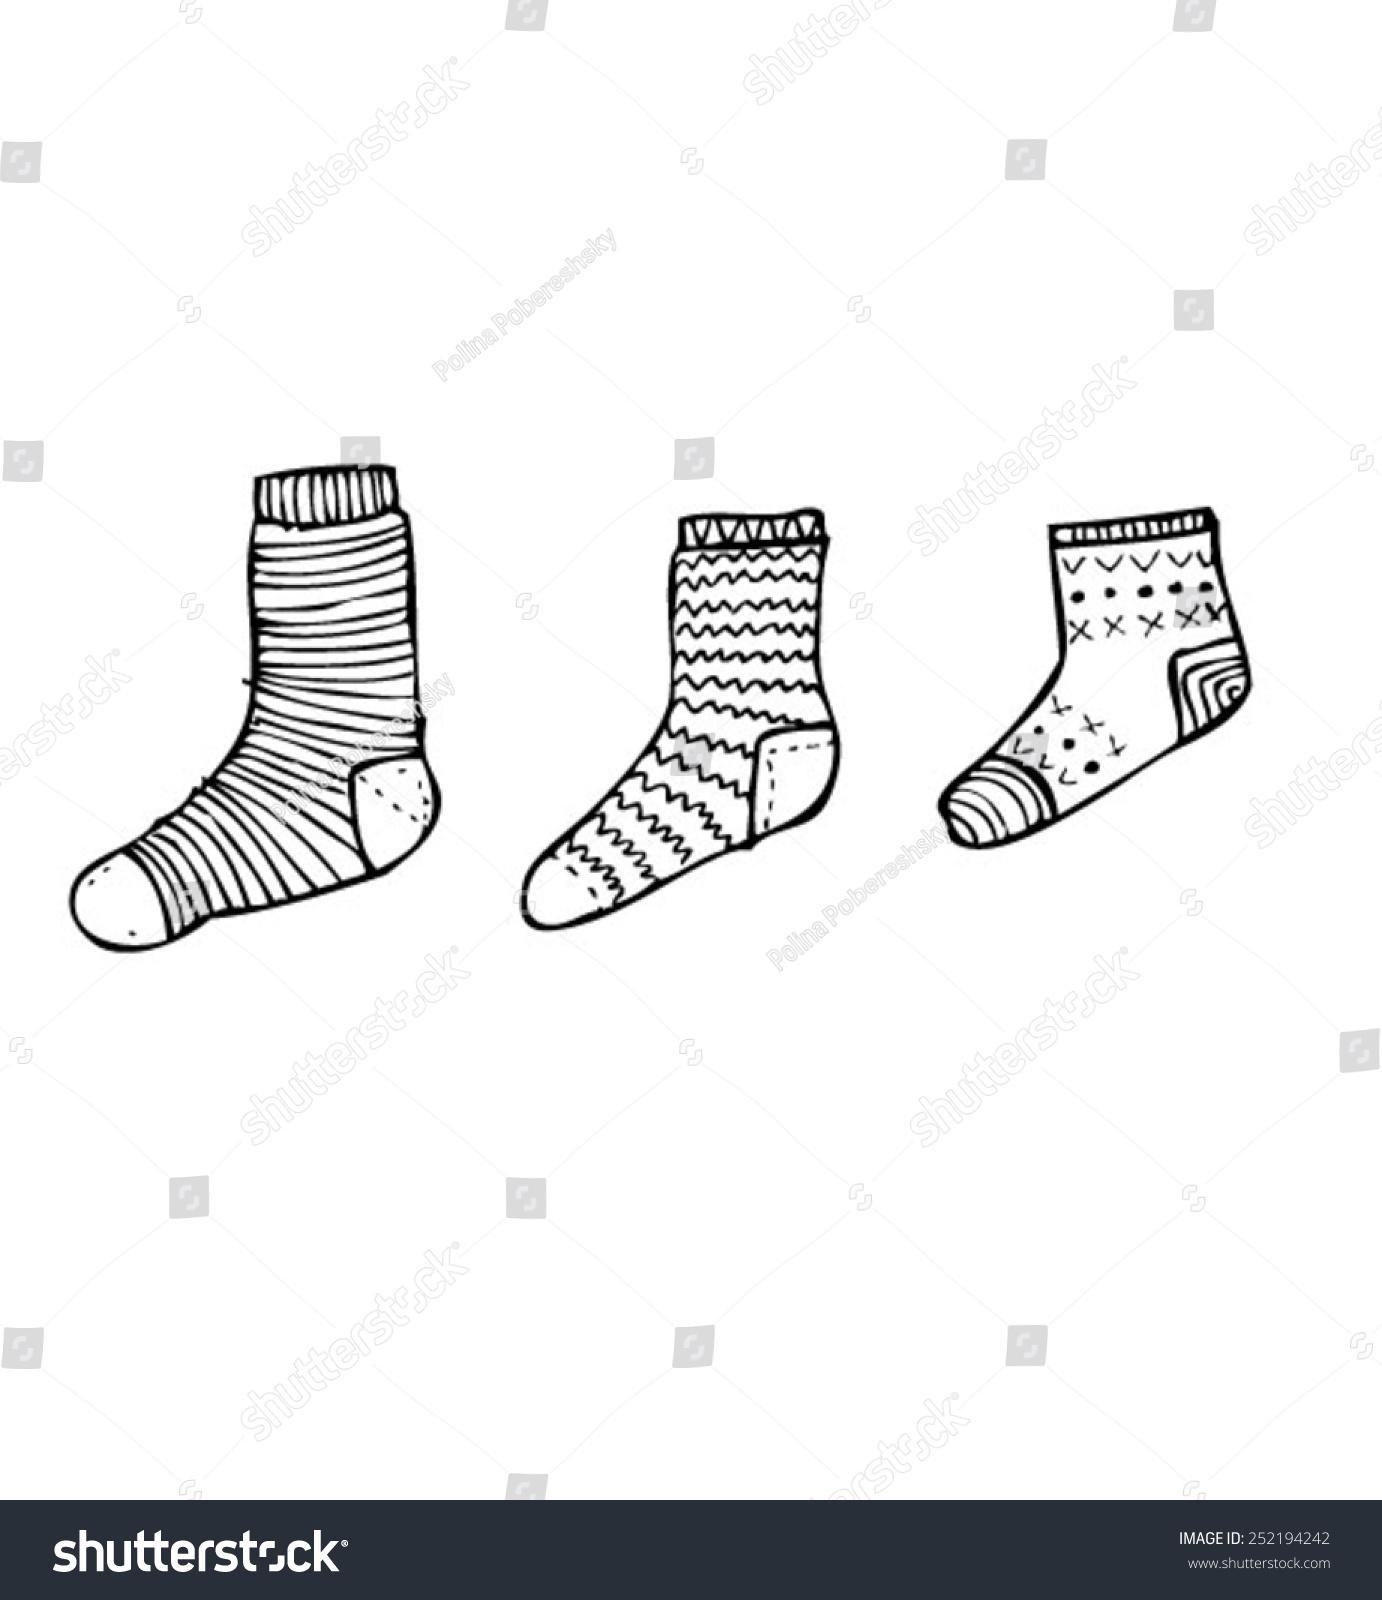 袜子设计手绘效果图